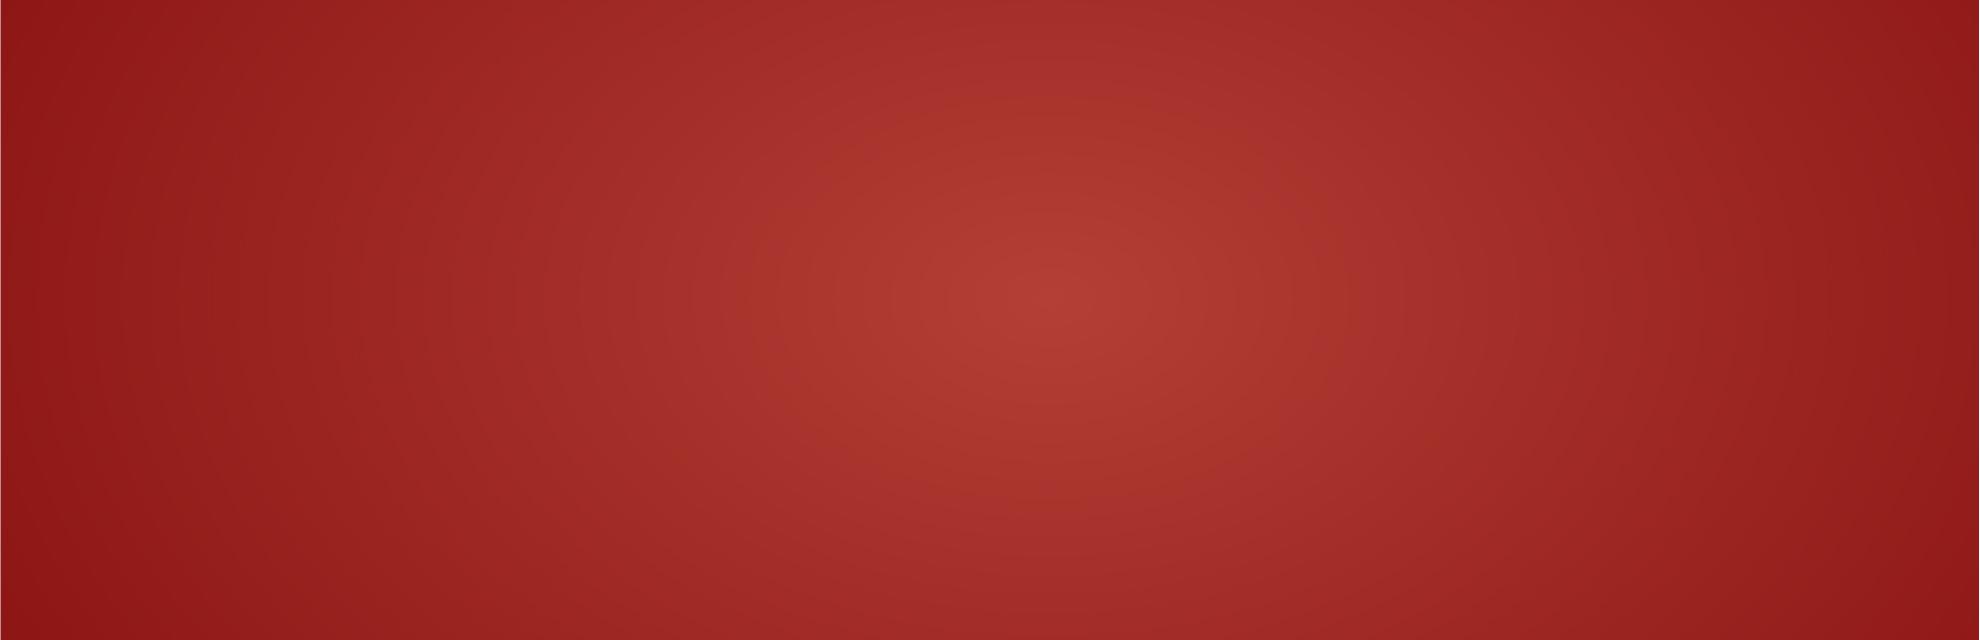 san-valentino-frignani-pasticceria-sfondo